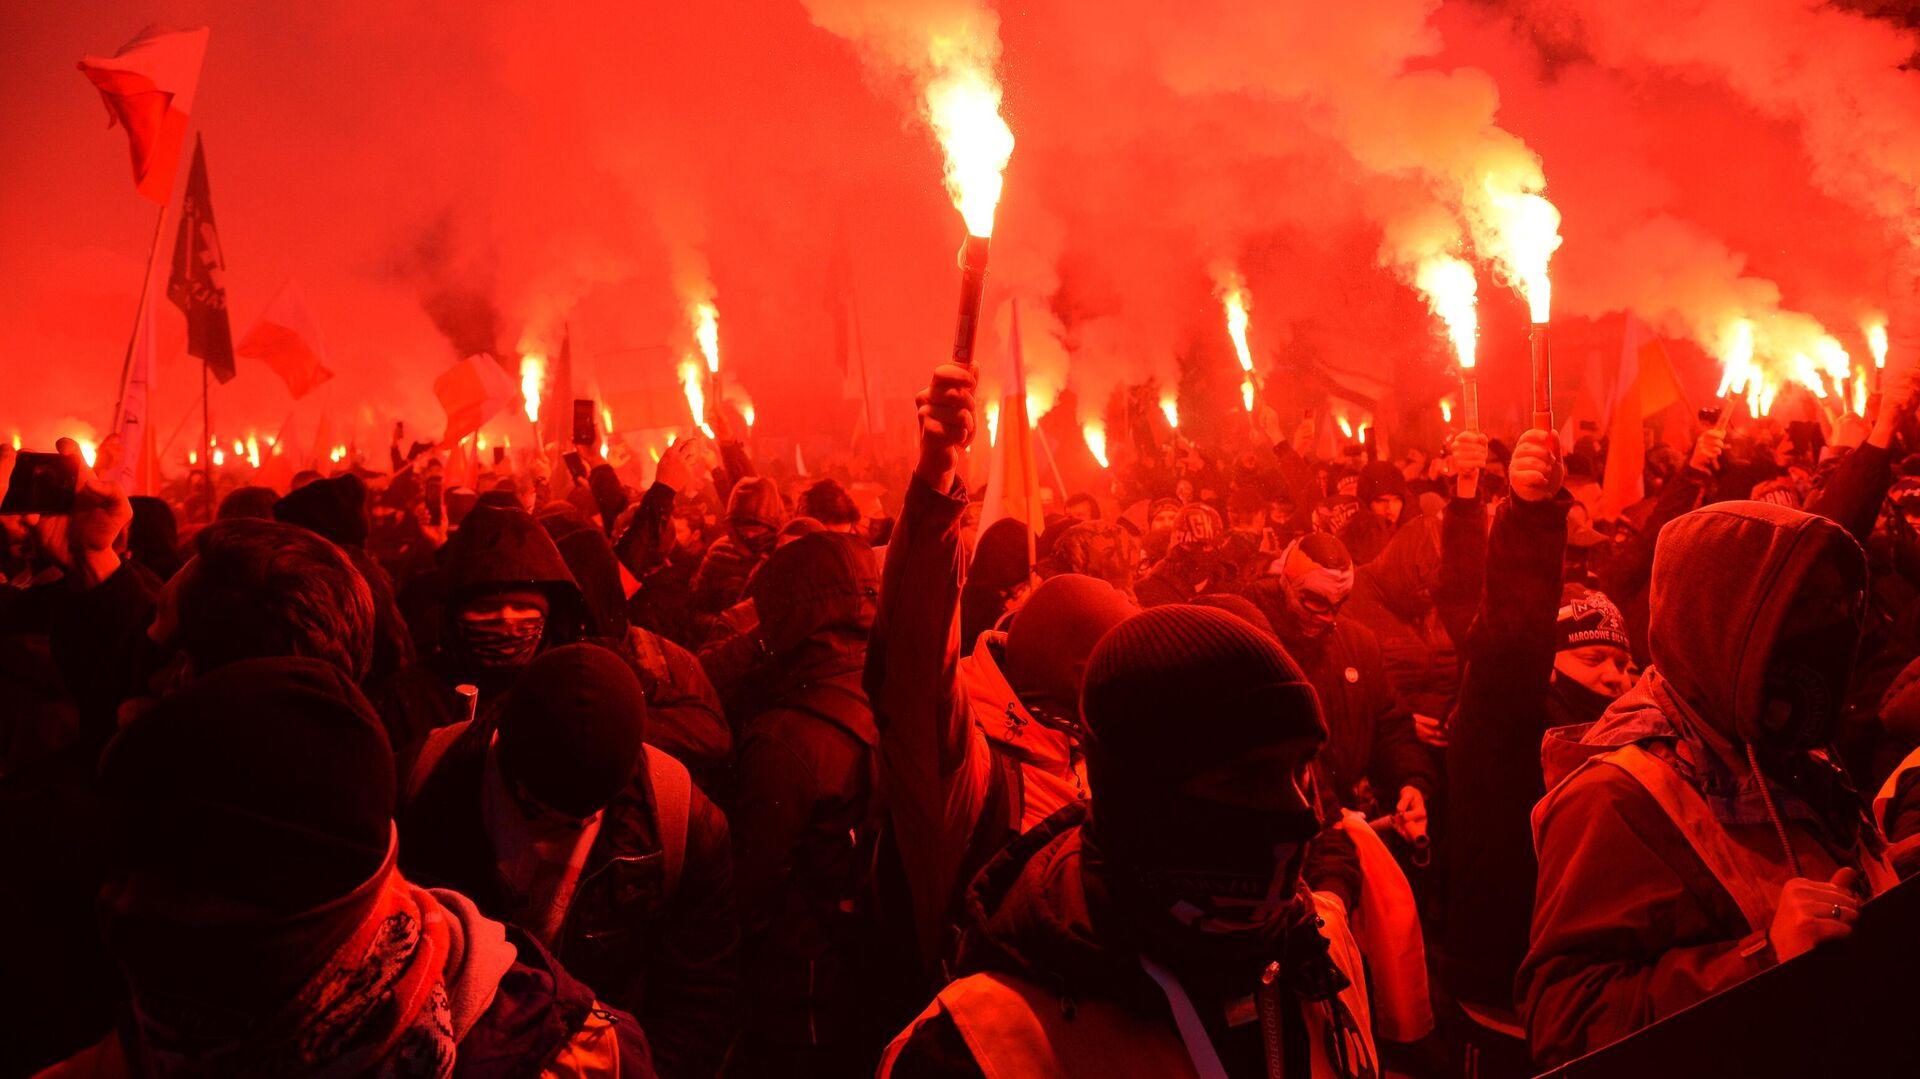 Участники традиционного марша в Варшаве, организованного организациями националистов, по случаю Дня независимости Польши - РИА Новости, 1920, 11.11.2020